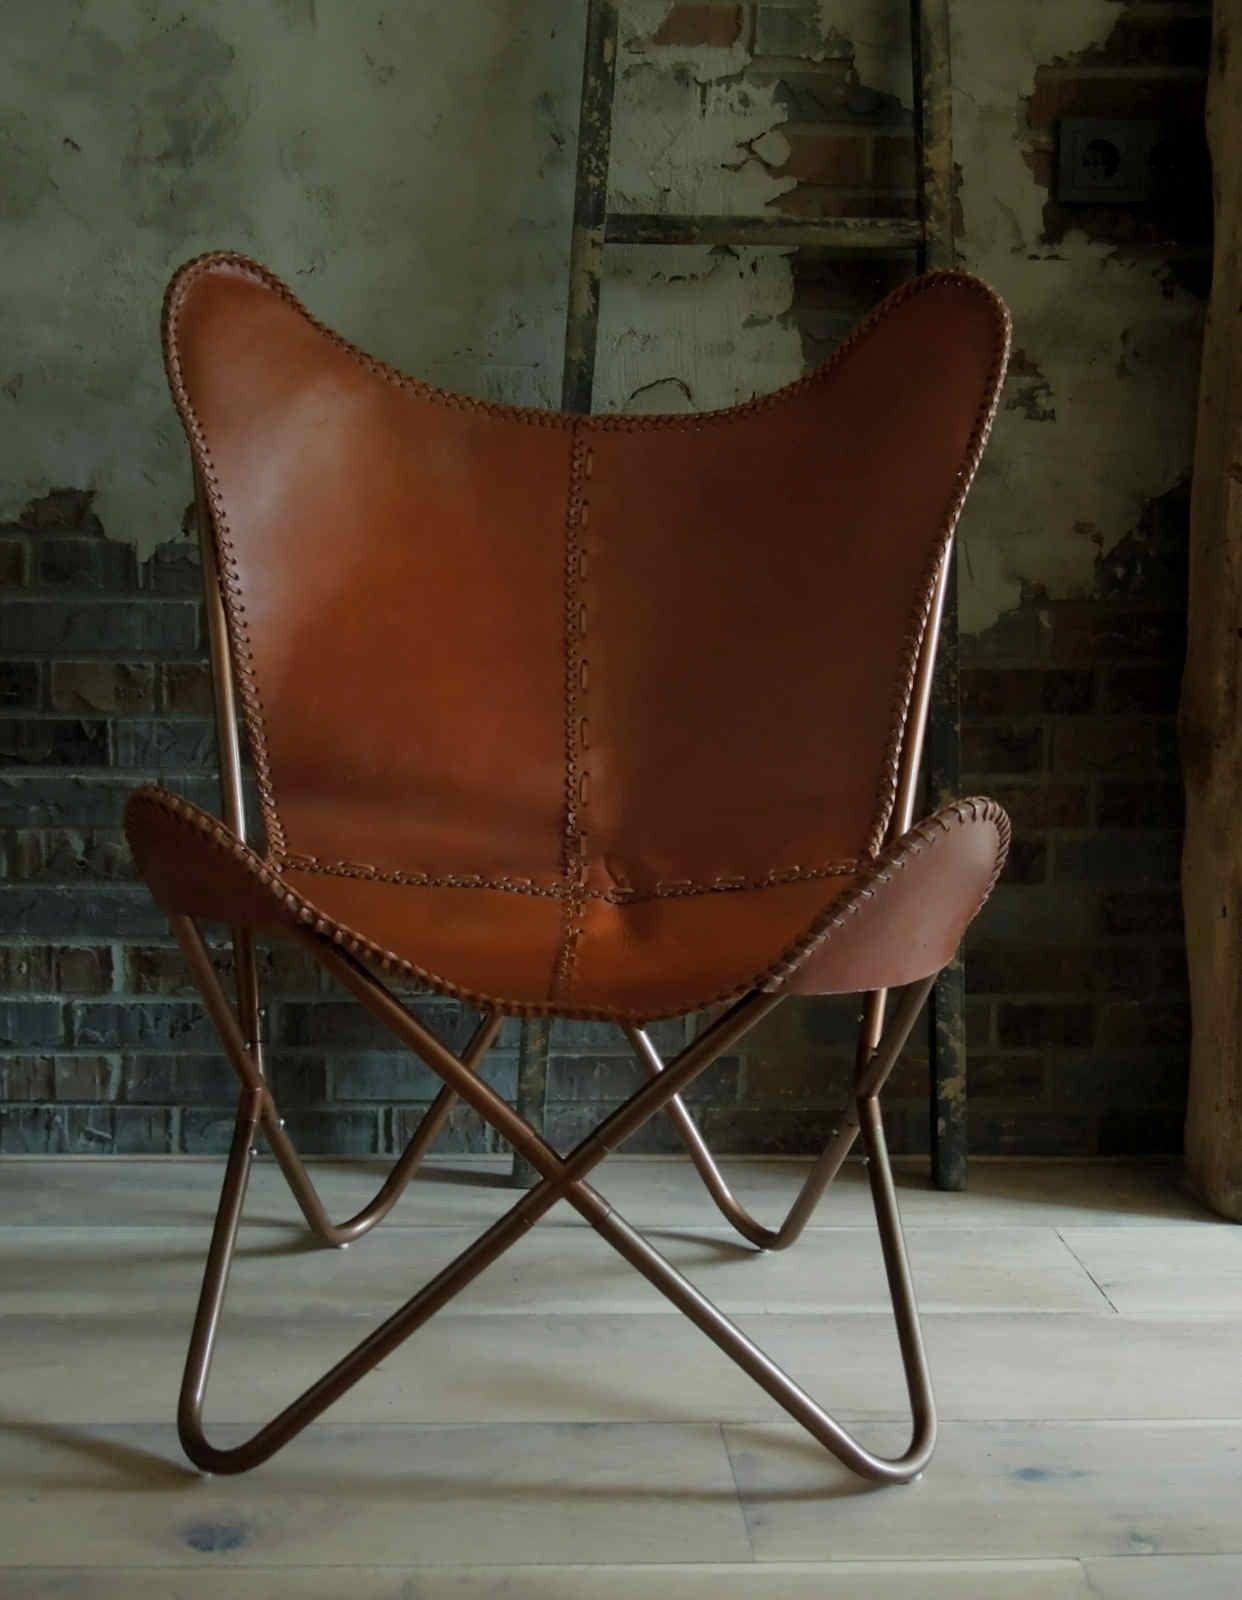 Cognac Leren Bureaustoel.Vlinderstoel Leer Cognac Bruin Industrieel Ontwerp Huizen Stoel